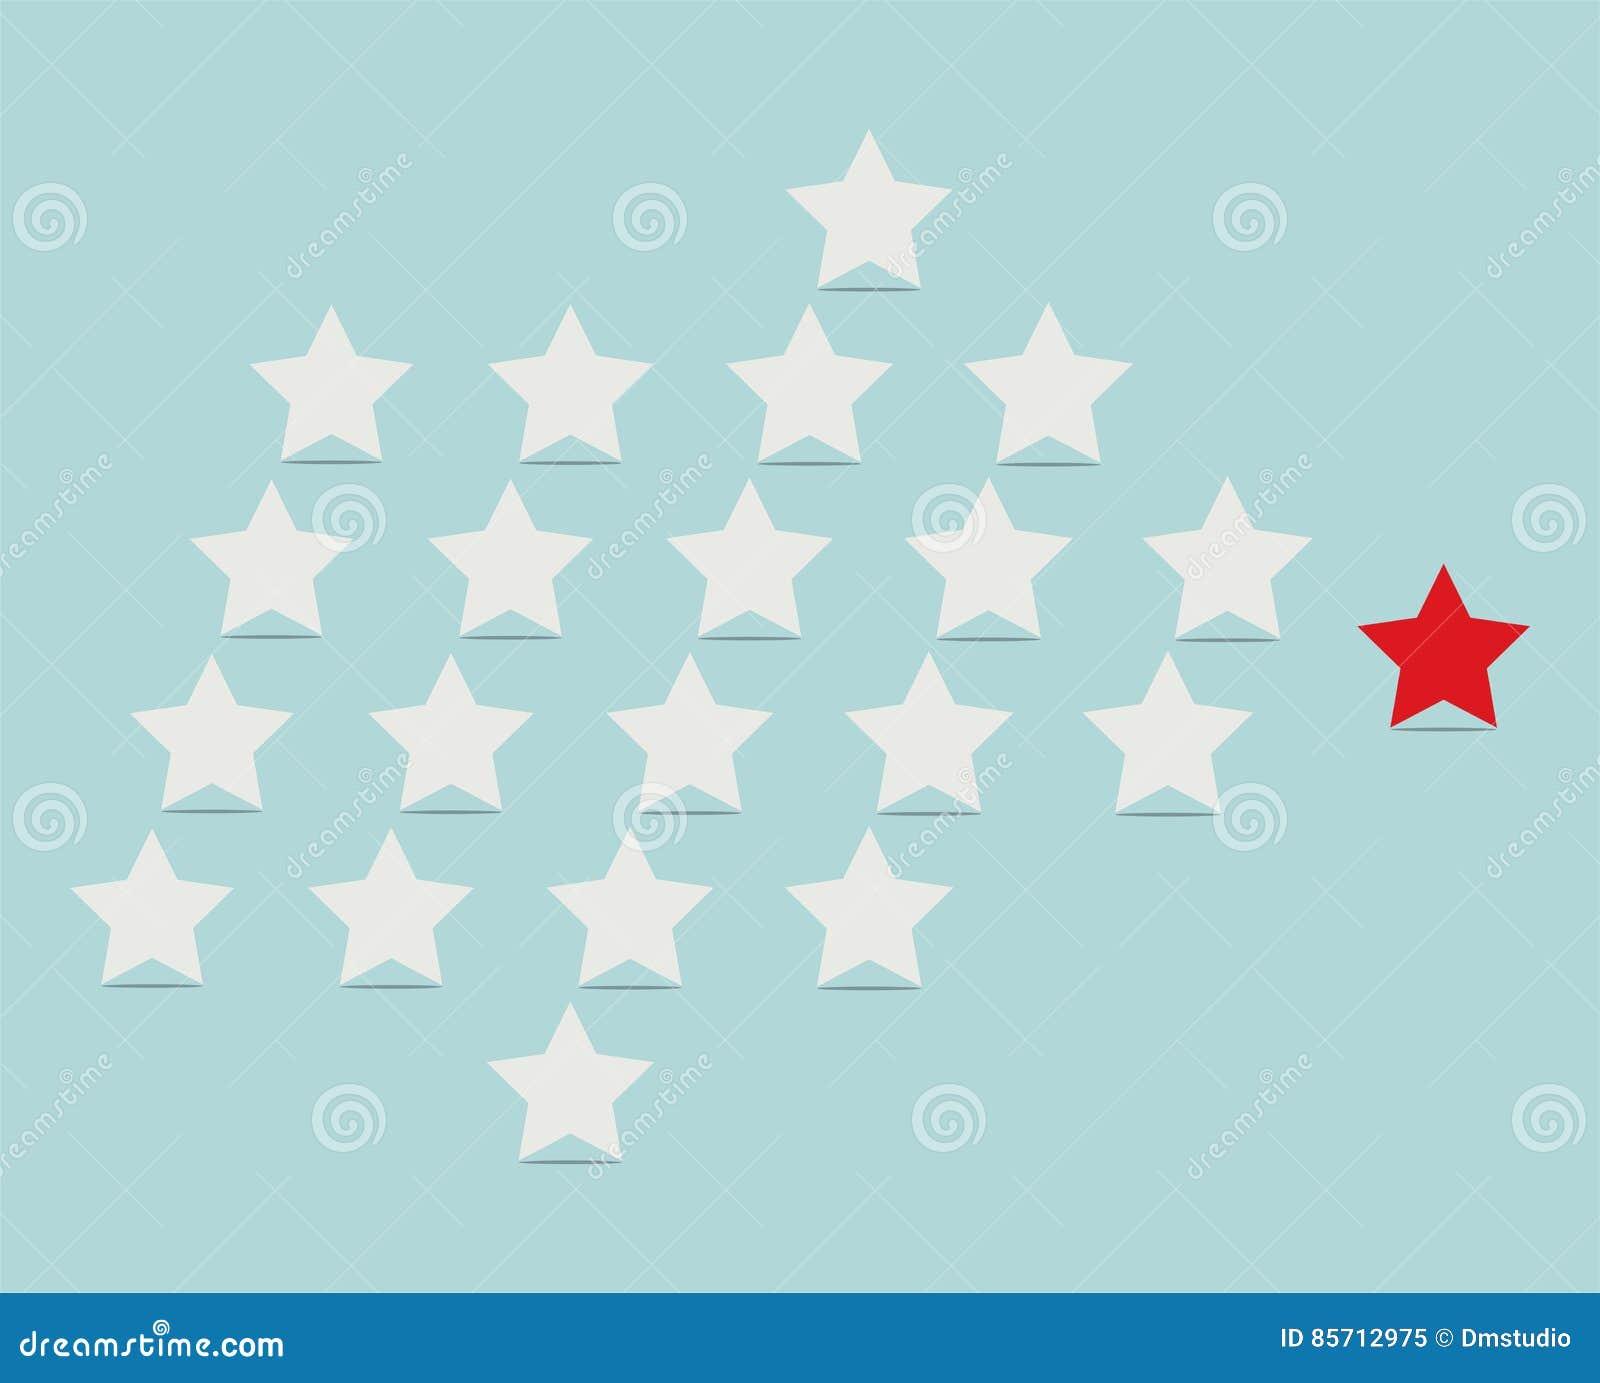 Conceito da liderança com as estrelas que seguem seu líder